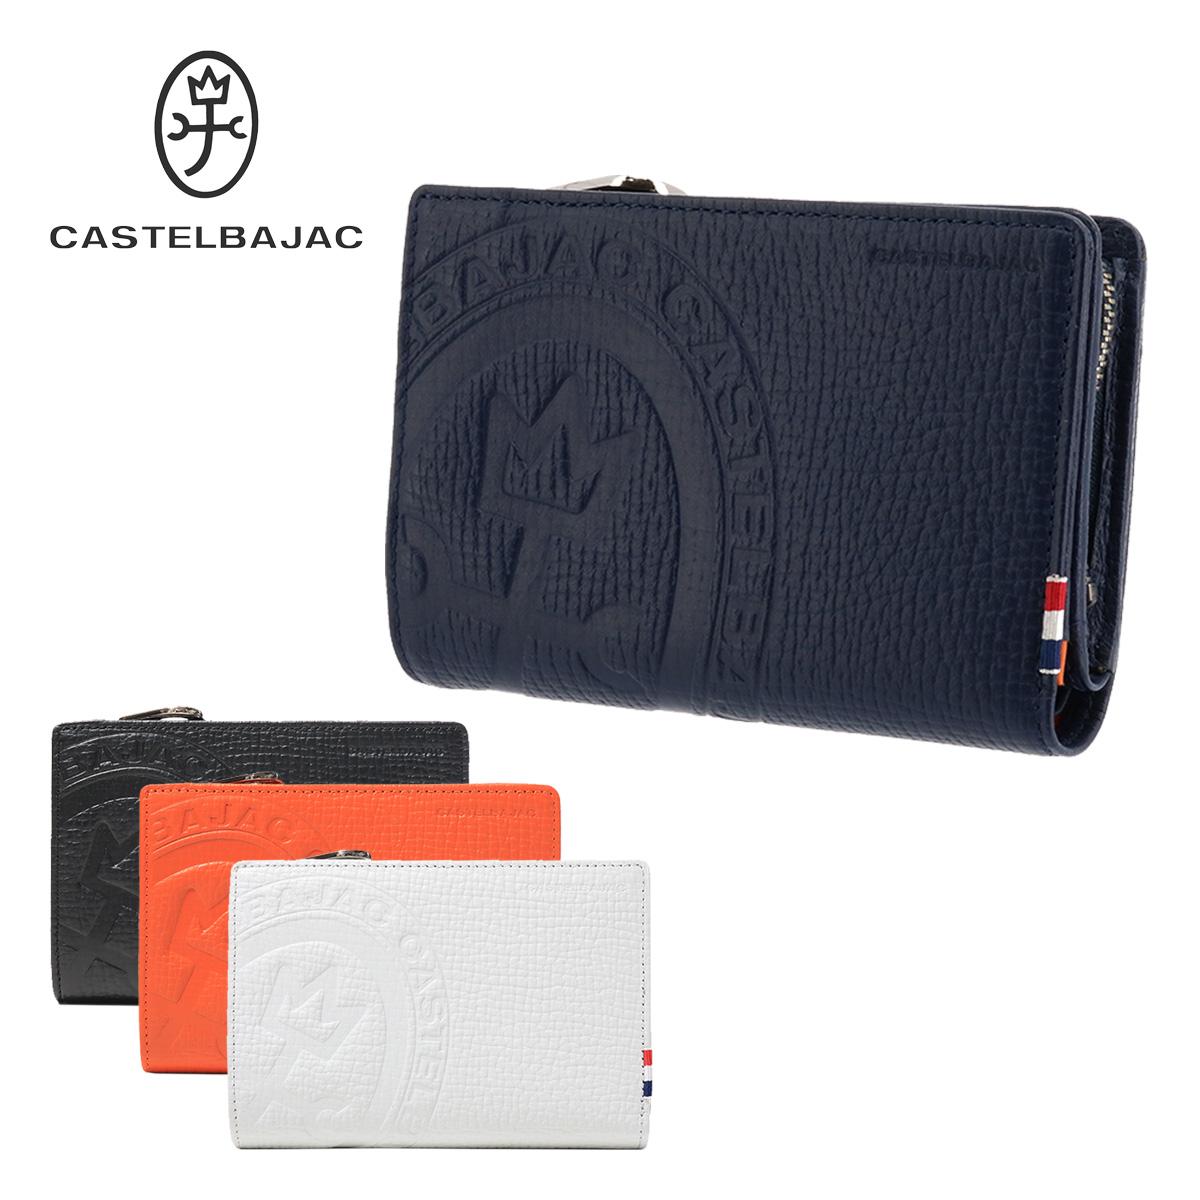 カステルバジャック 二つ折り財布 メンズ ピッコロ 022615 CASTELBAJAC 本革 レザー[PO10][bef]